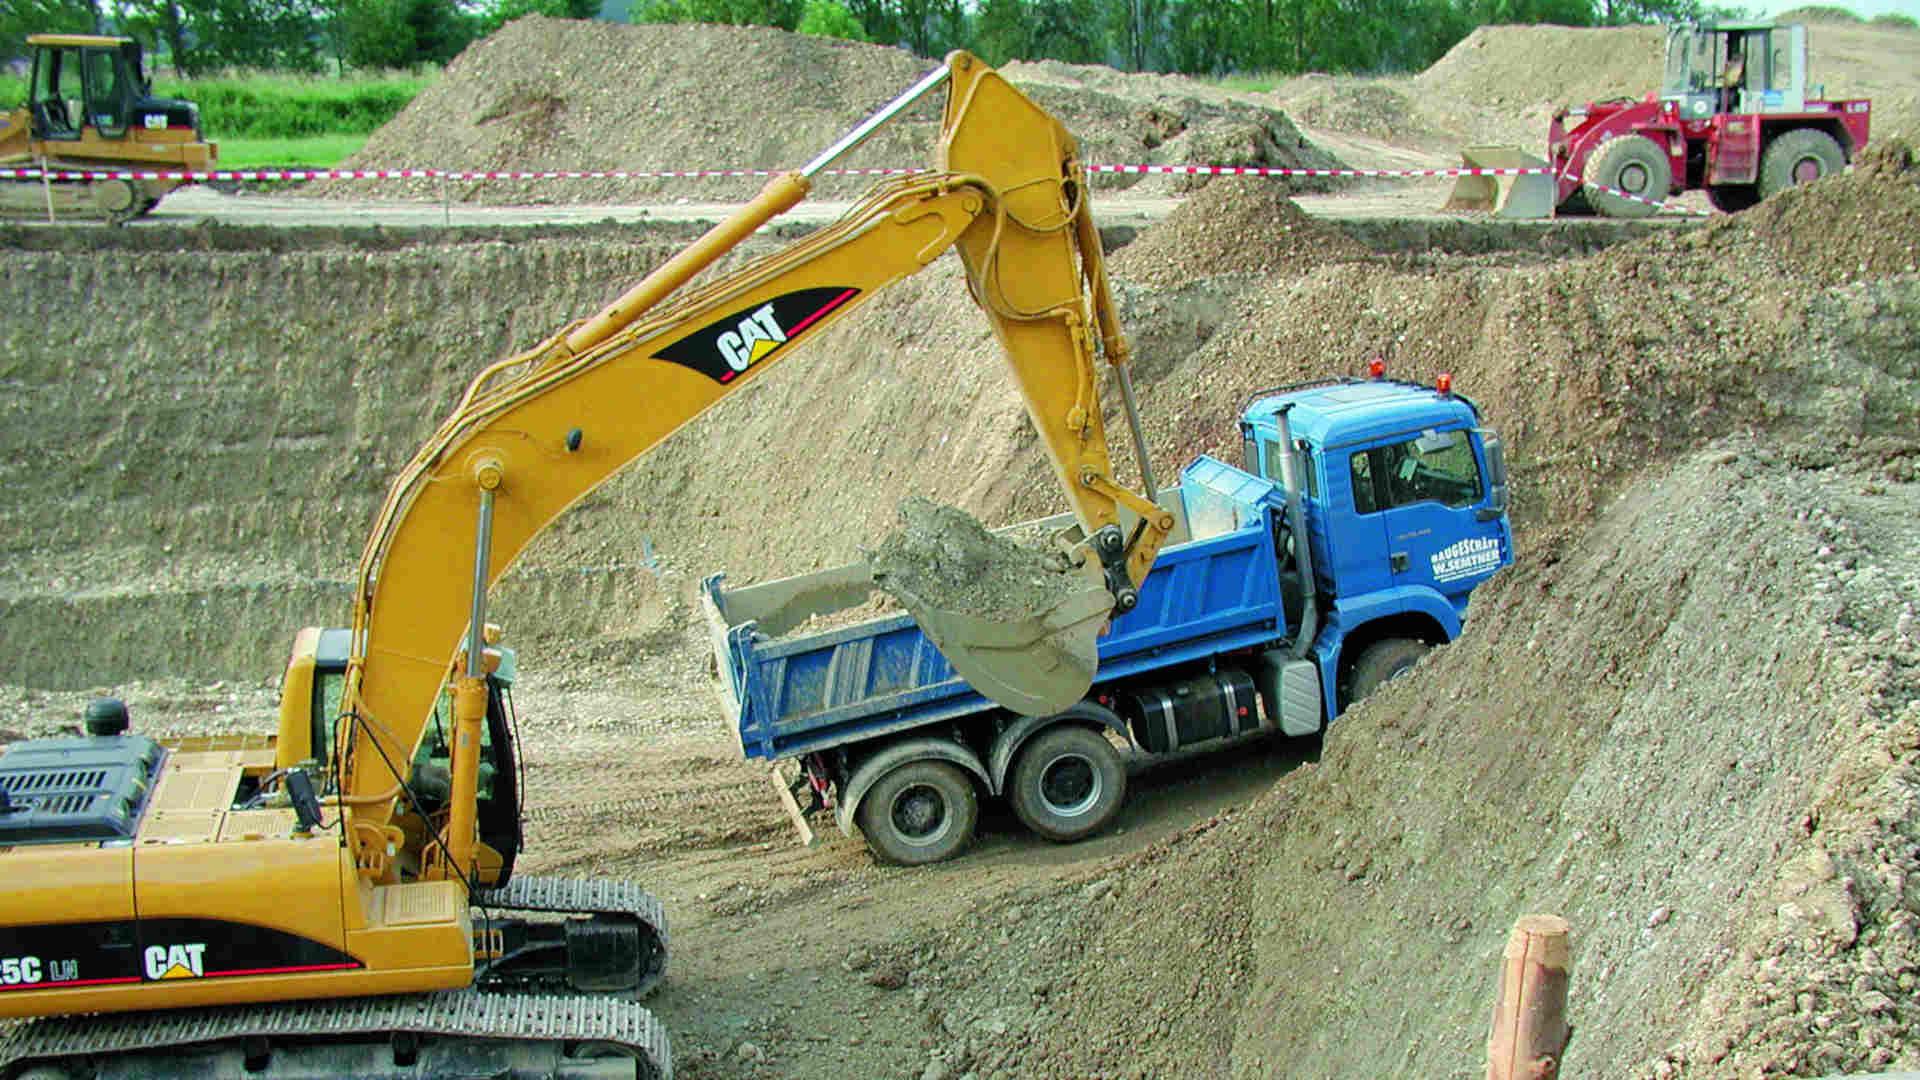 Baugeschäft W. Semtner GmbH, Ihr Partner beim Bau